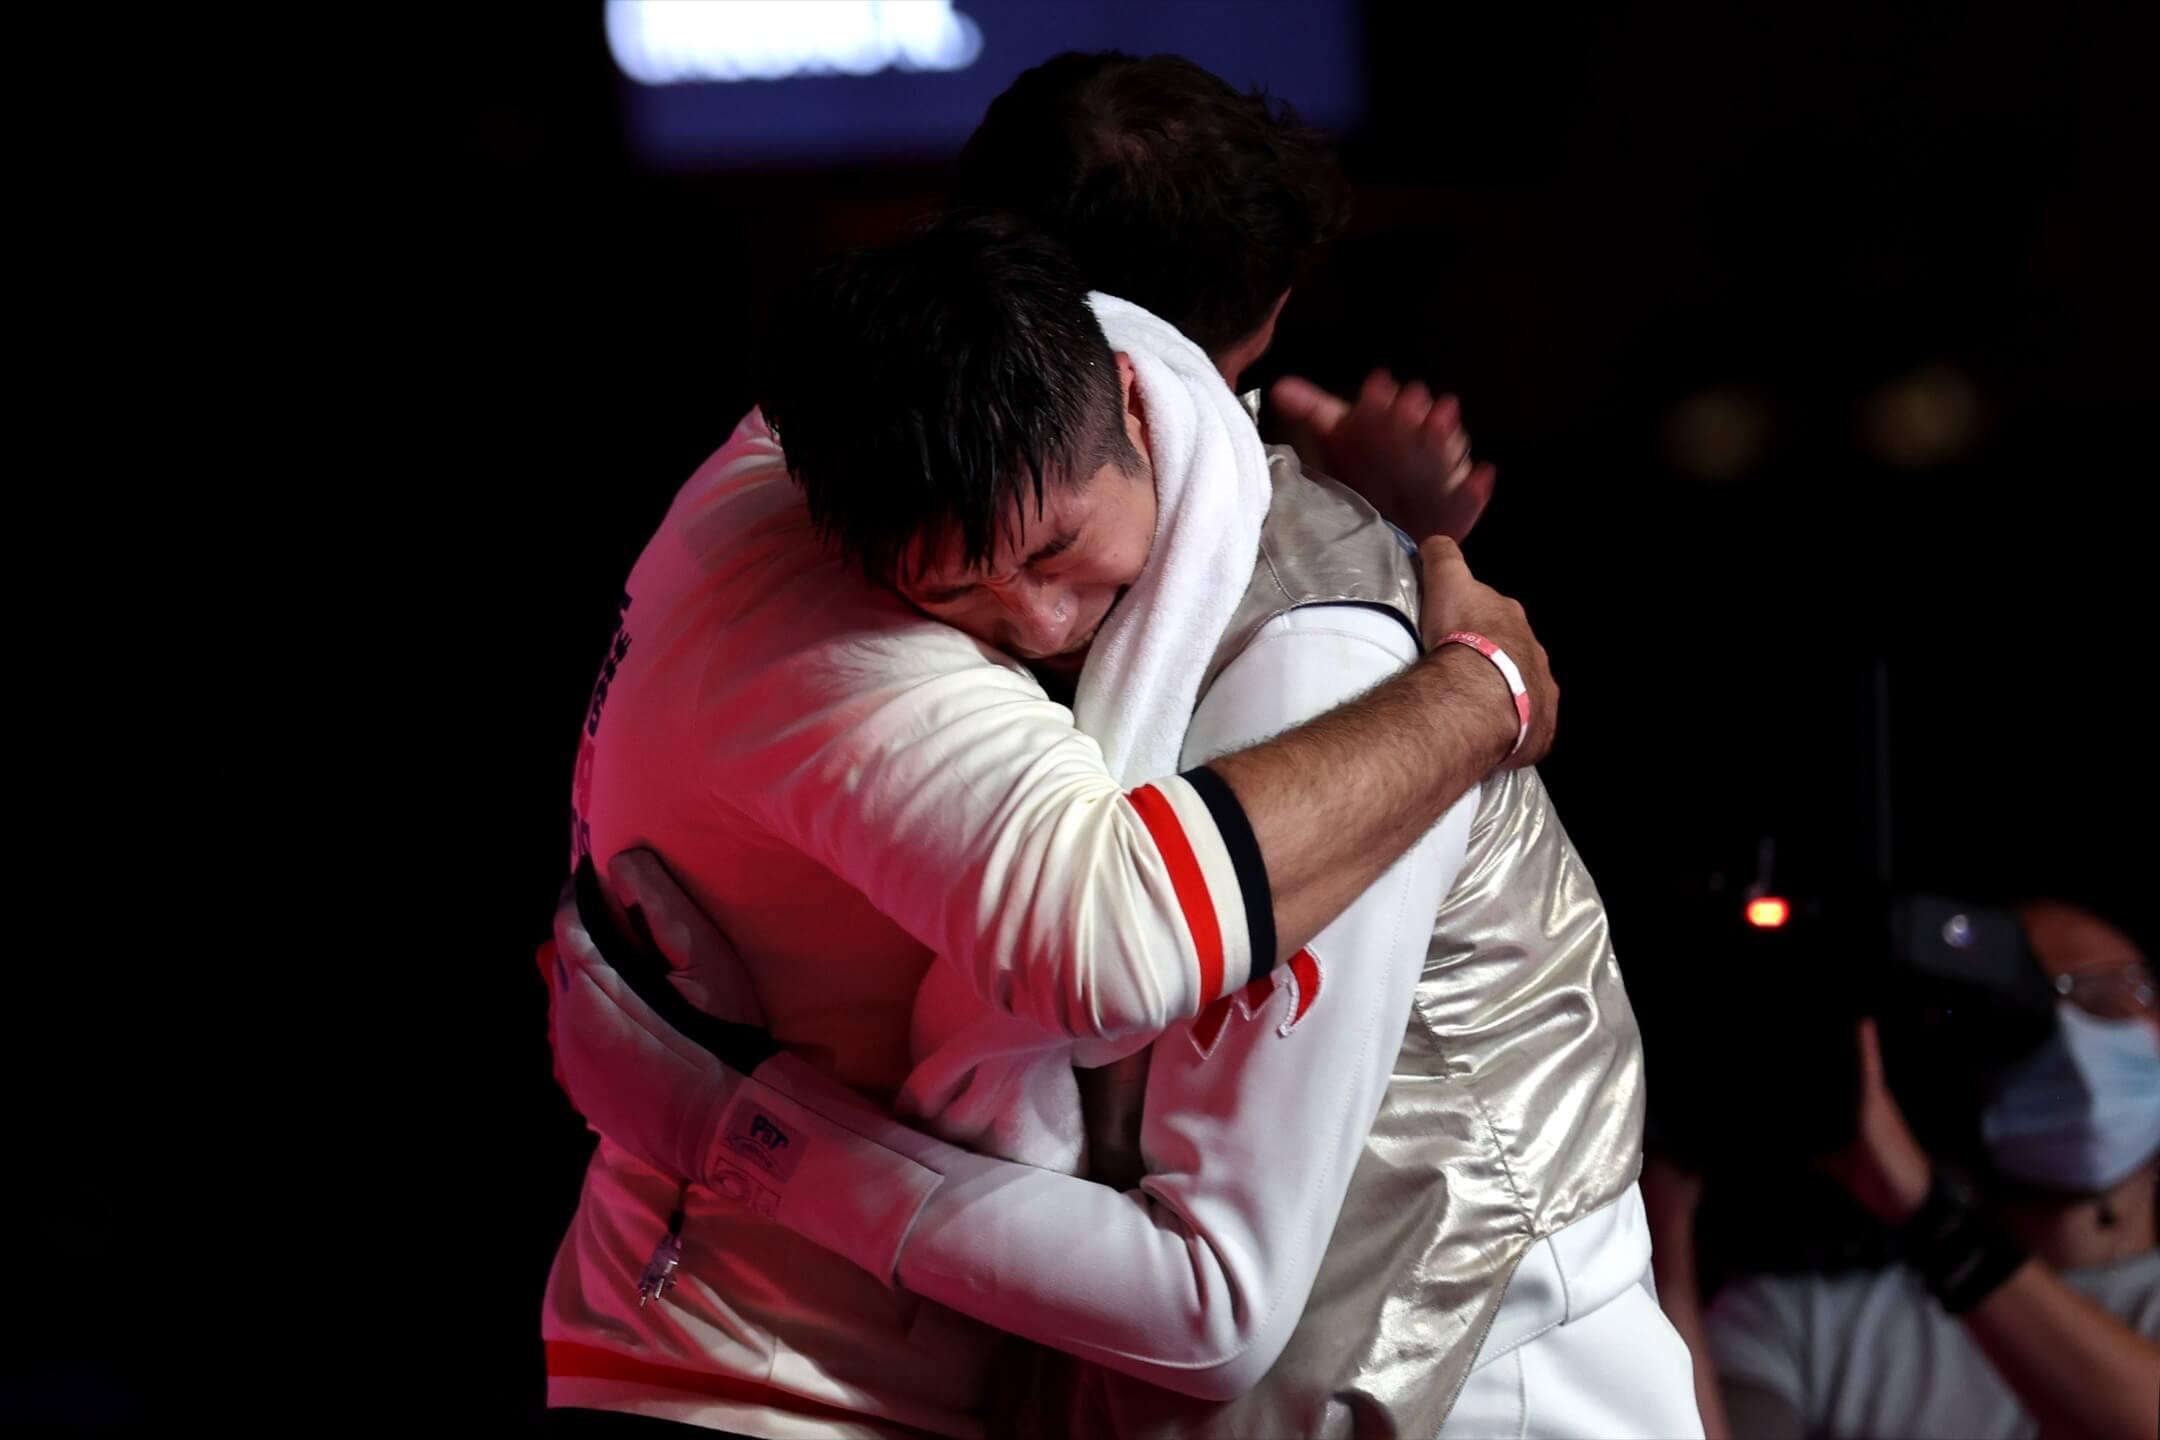 2021年7月26日,東京奧運,香港花劍代表張家朗在決賽中擊敗爭取衛冕的意大利選手Daniele Garozzo後,與教練擁抱。